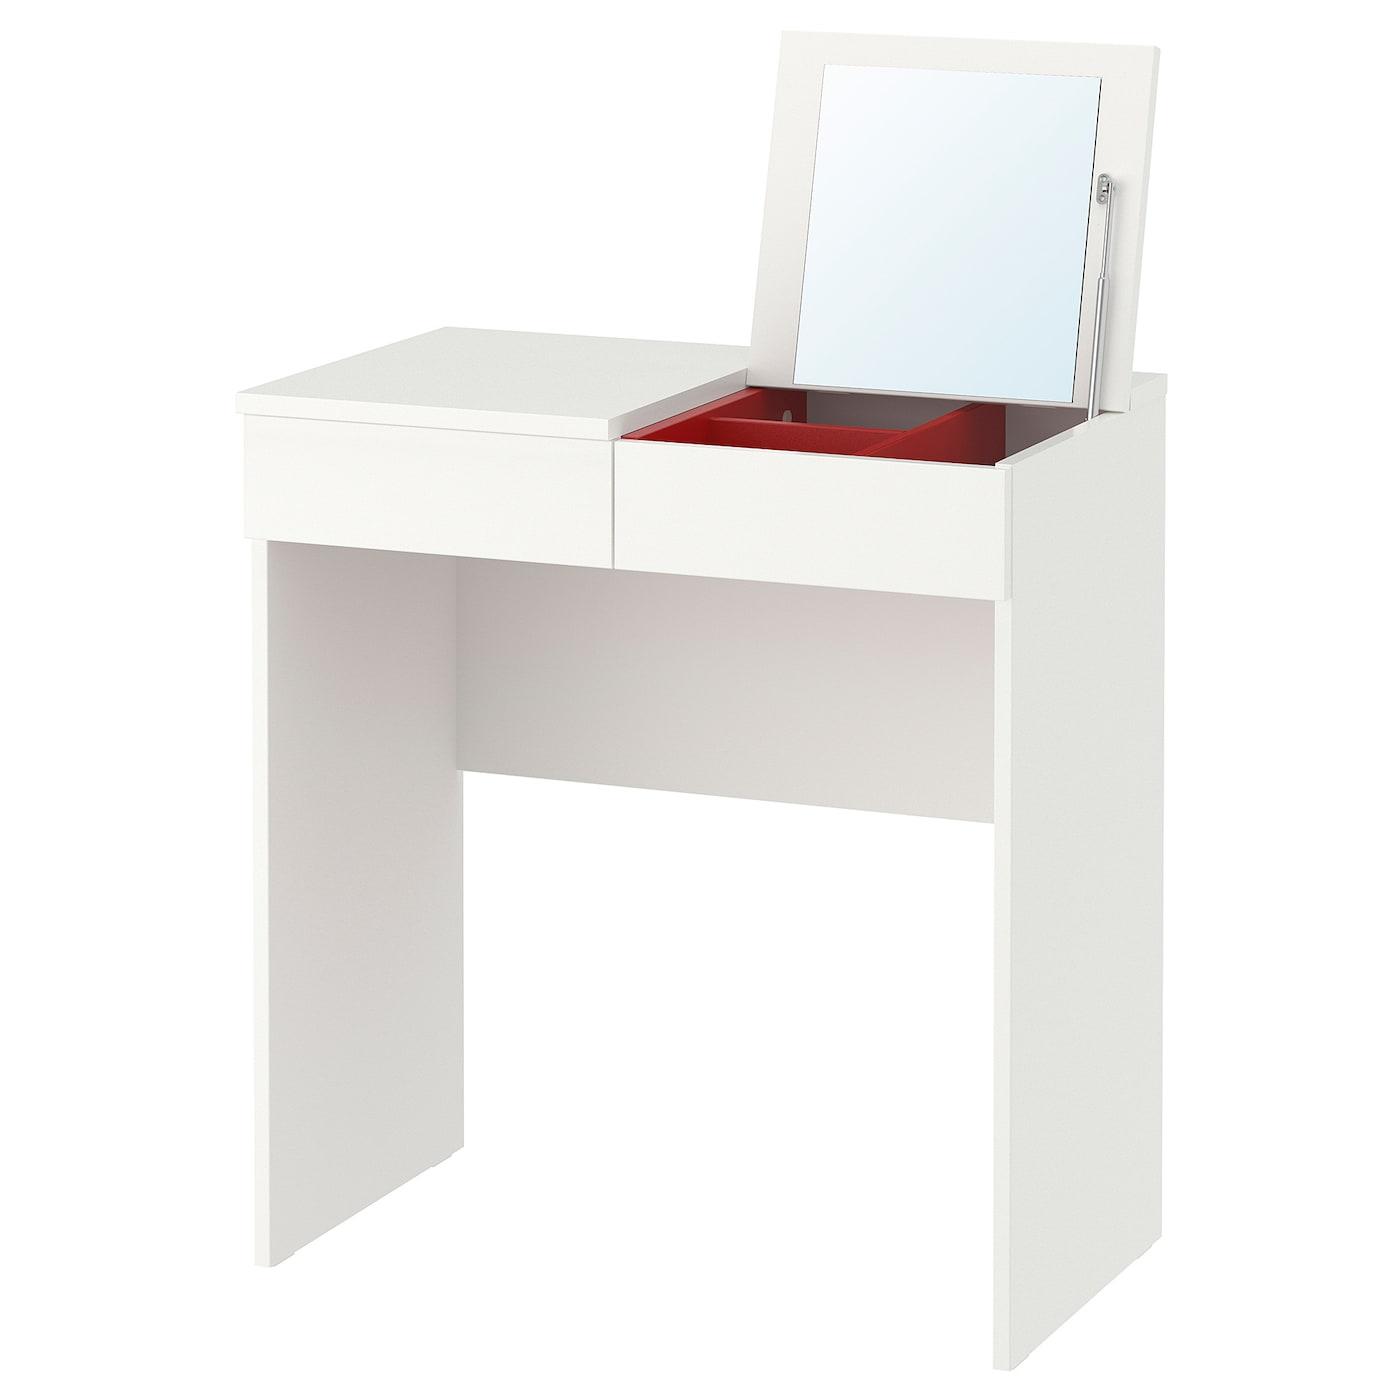 IKEA BRIMNES Frisiertisch weiß 70x42 cm | Schlafzimmer > Kommoden > Schminkkommoden & Schminktisch | IKEA